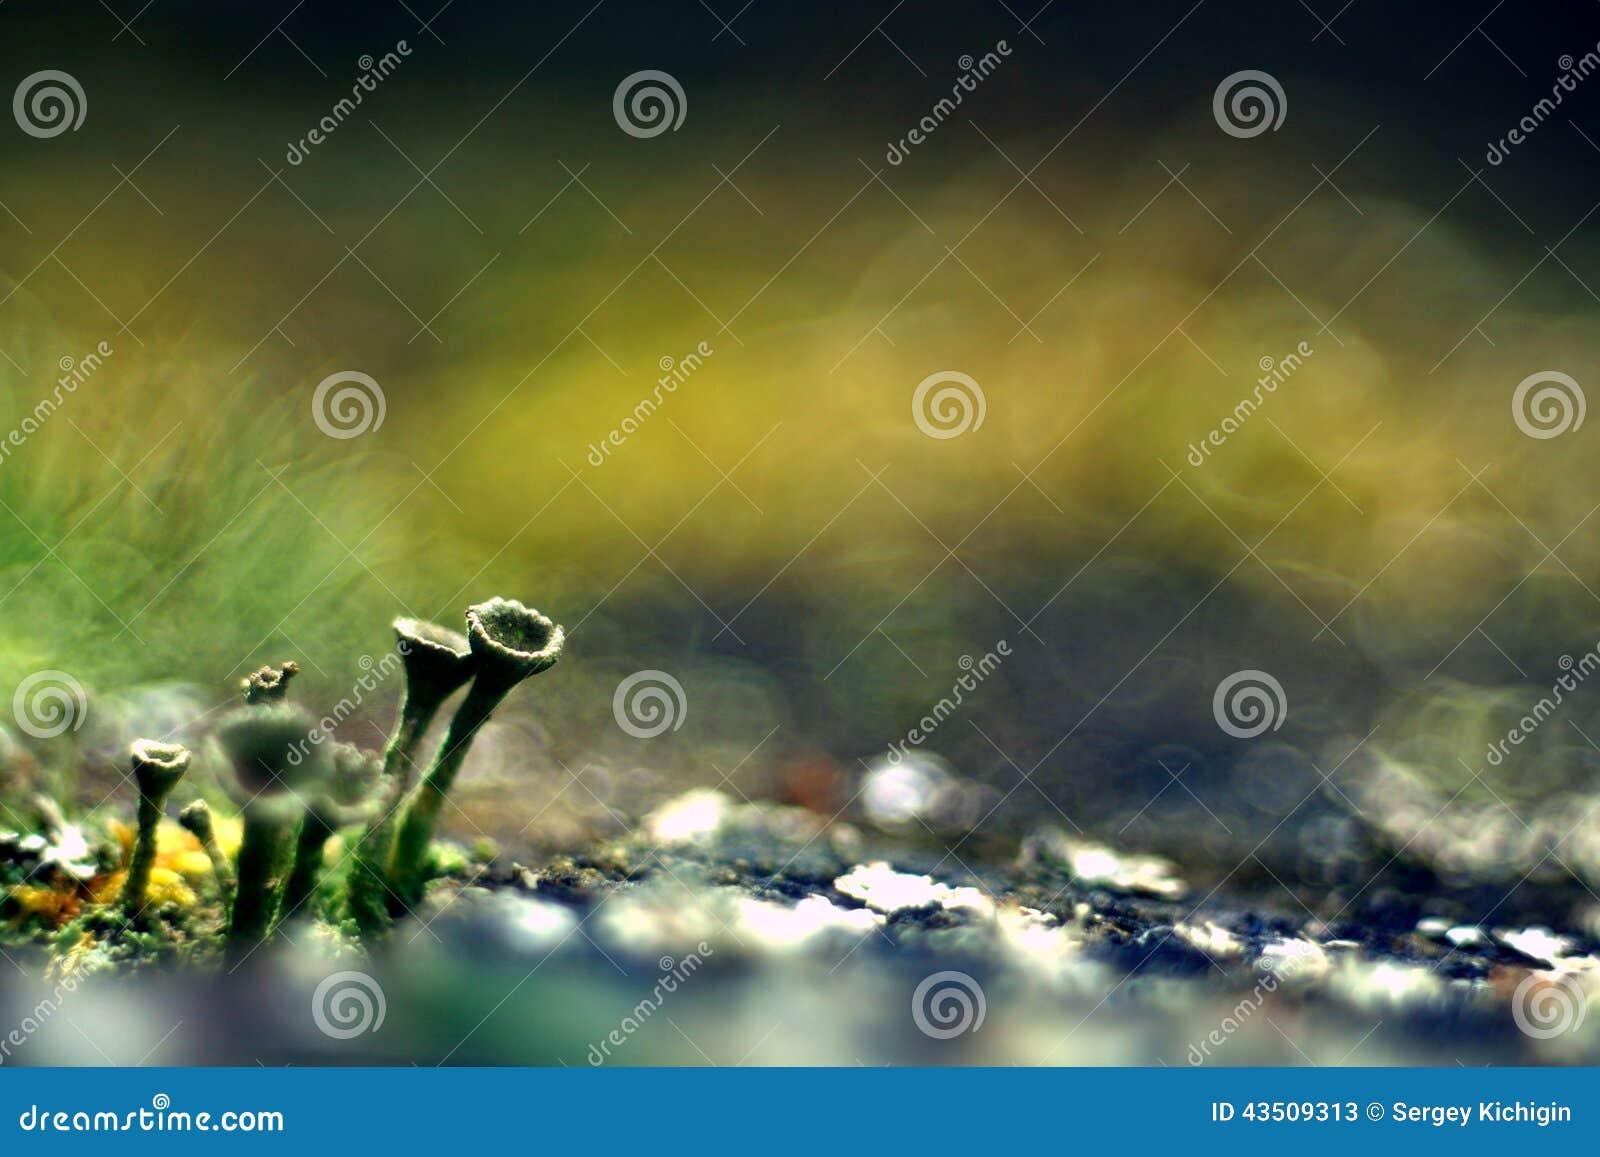 De groene macroaard van de mosmicrokosmos